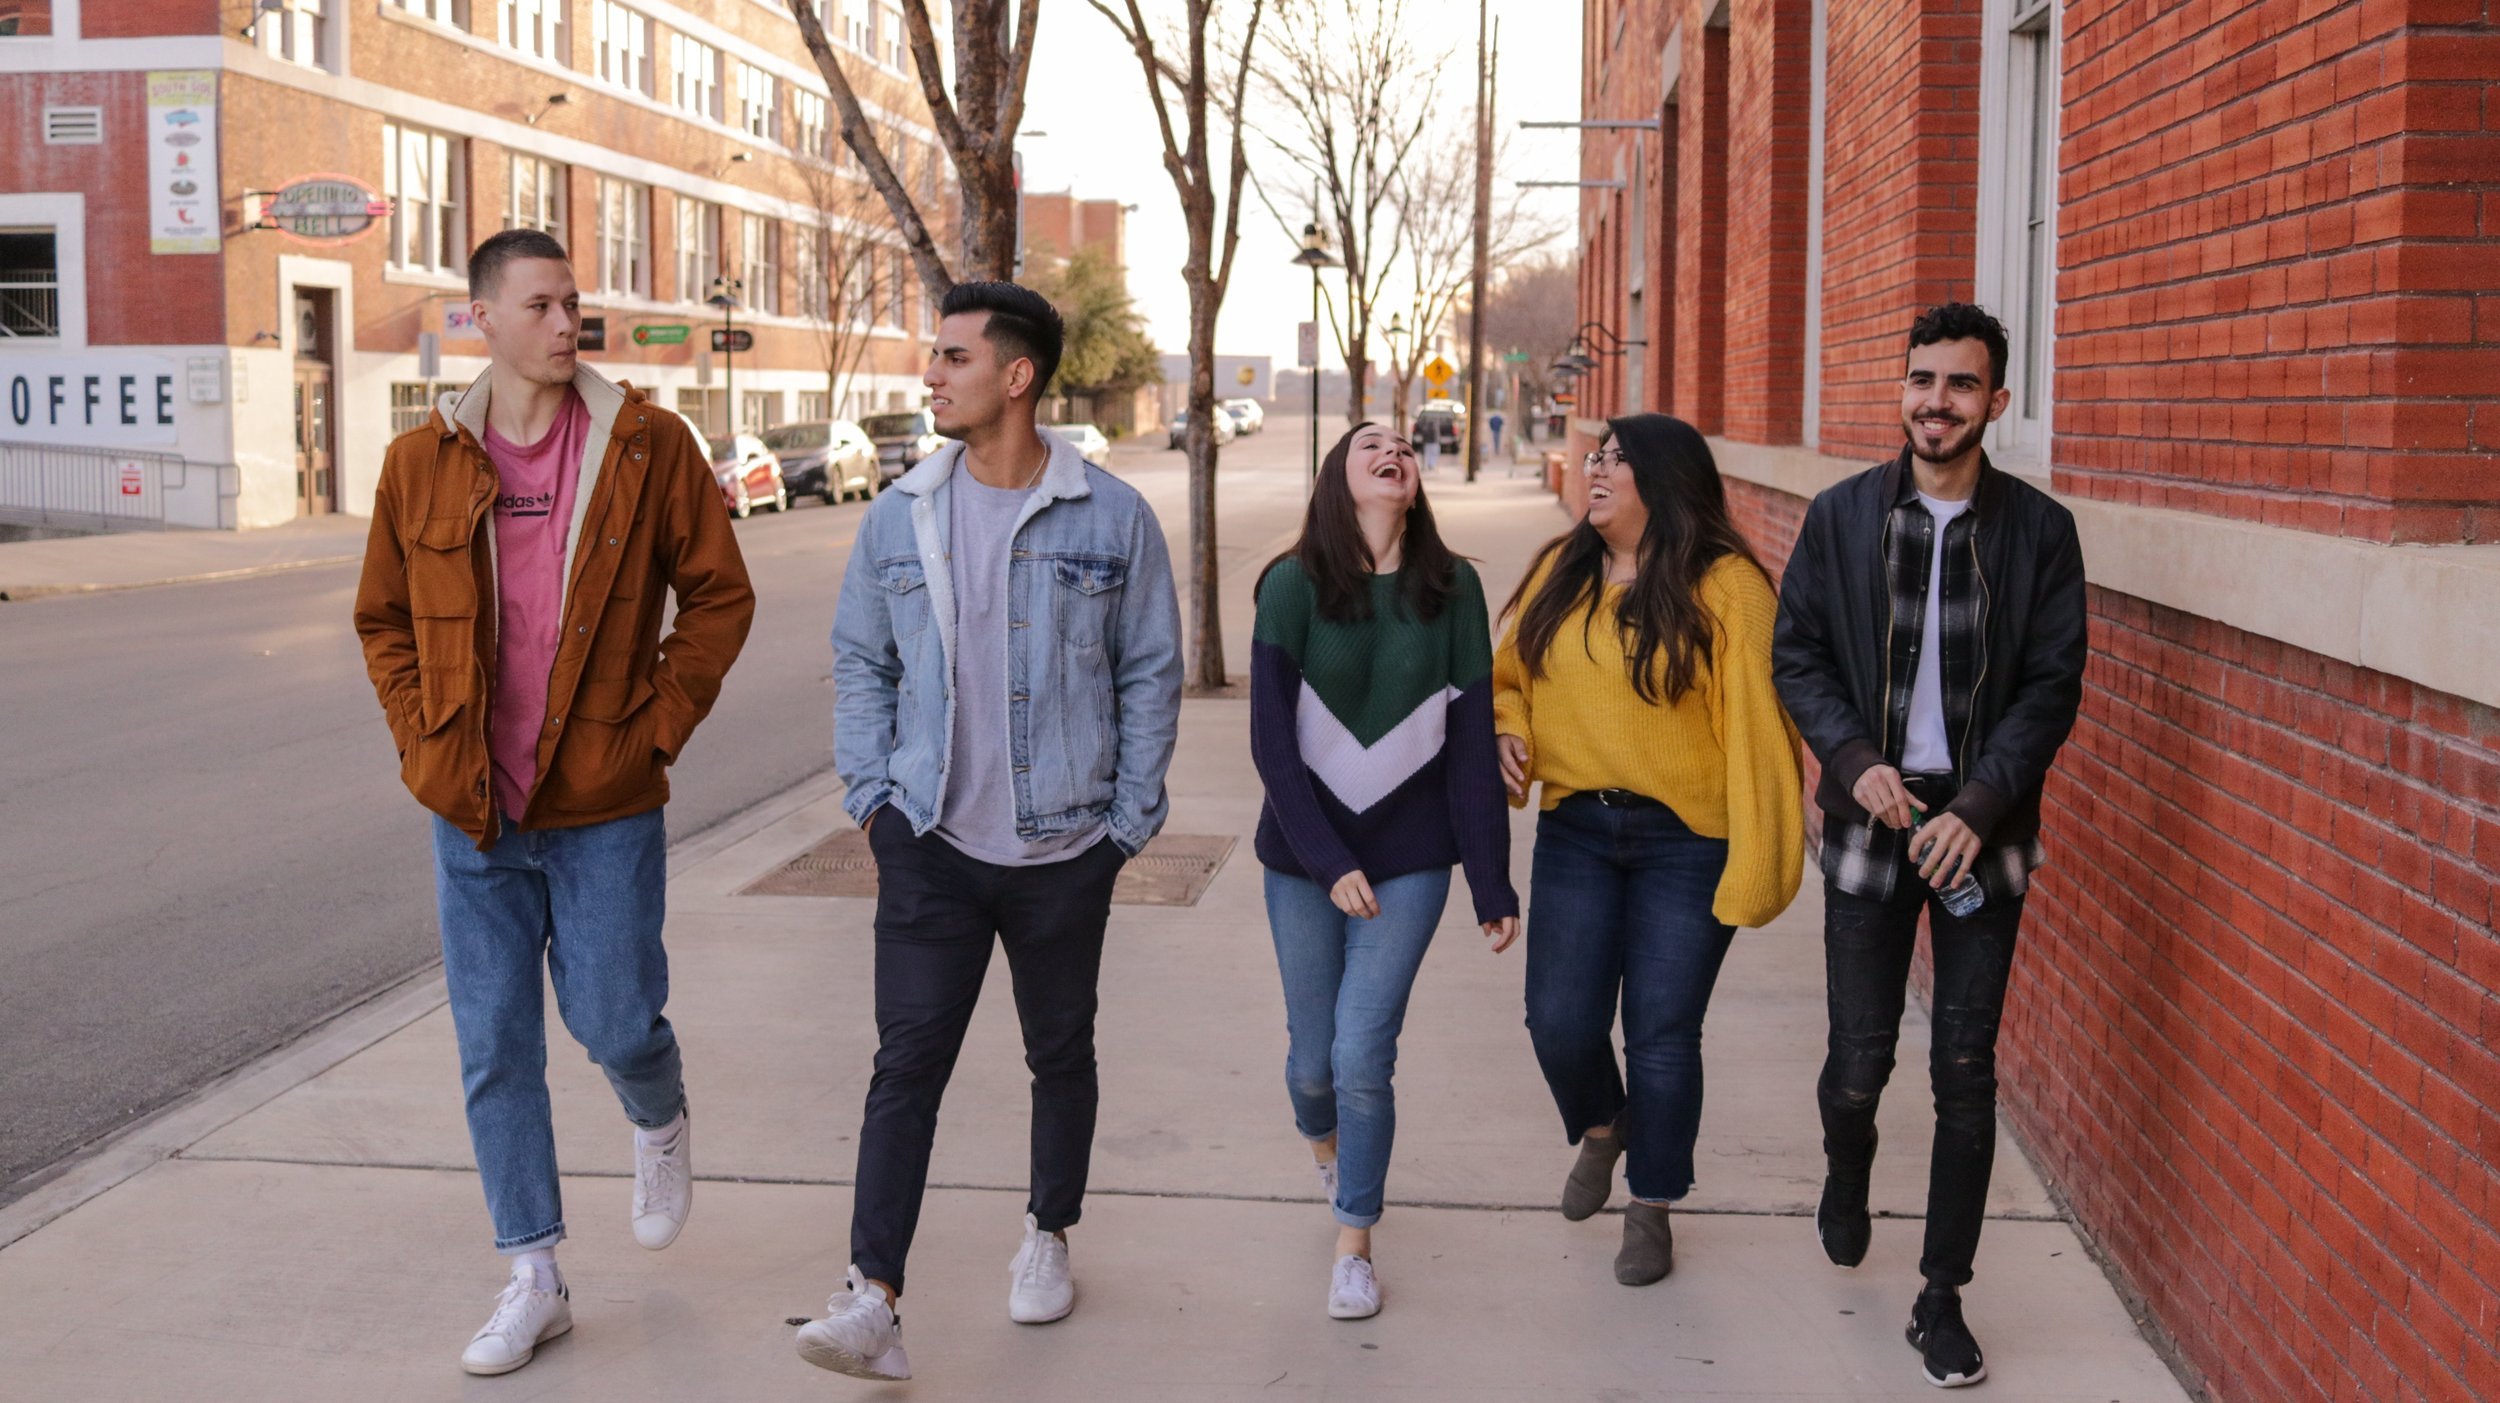 TEENAGERS LAUGHING.jpg